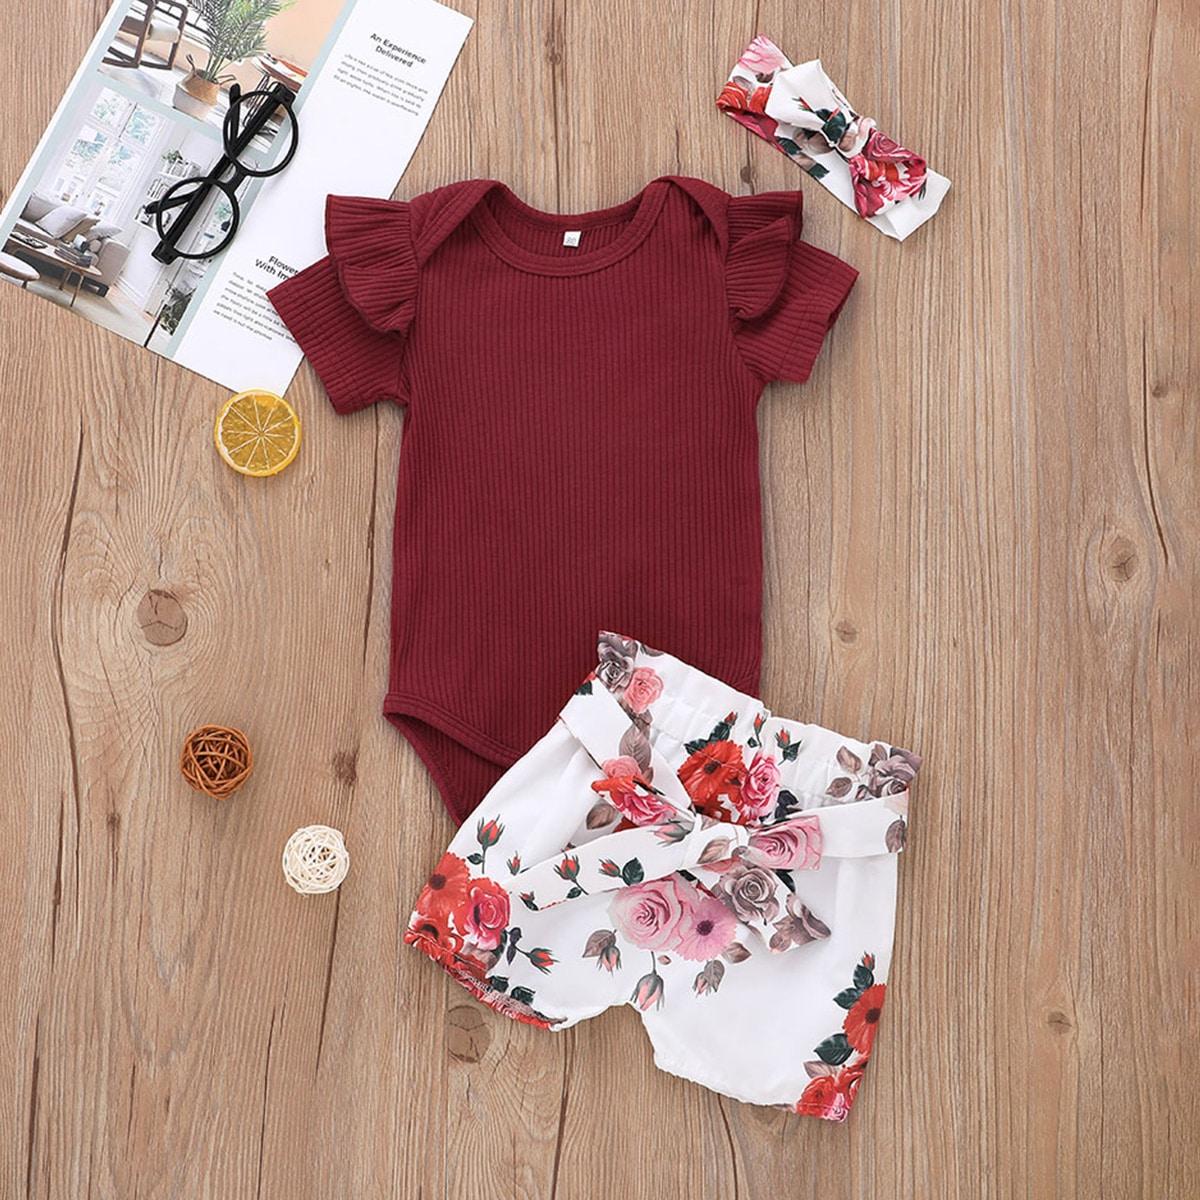 Strick Body und Shorts mit Blumen Muster sowie Kopfband